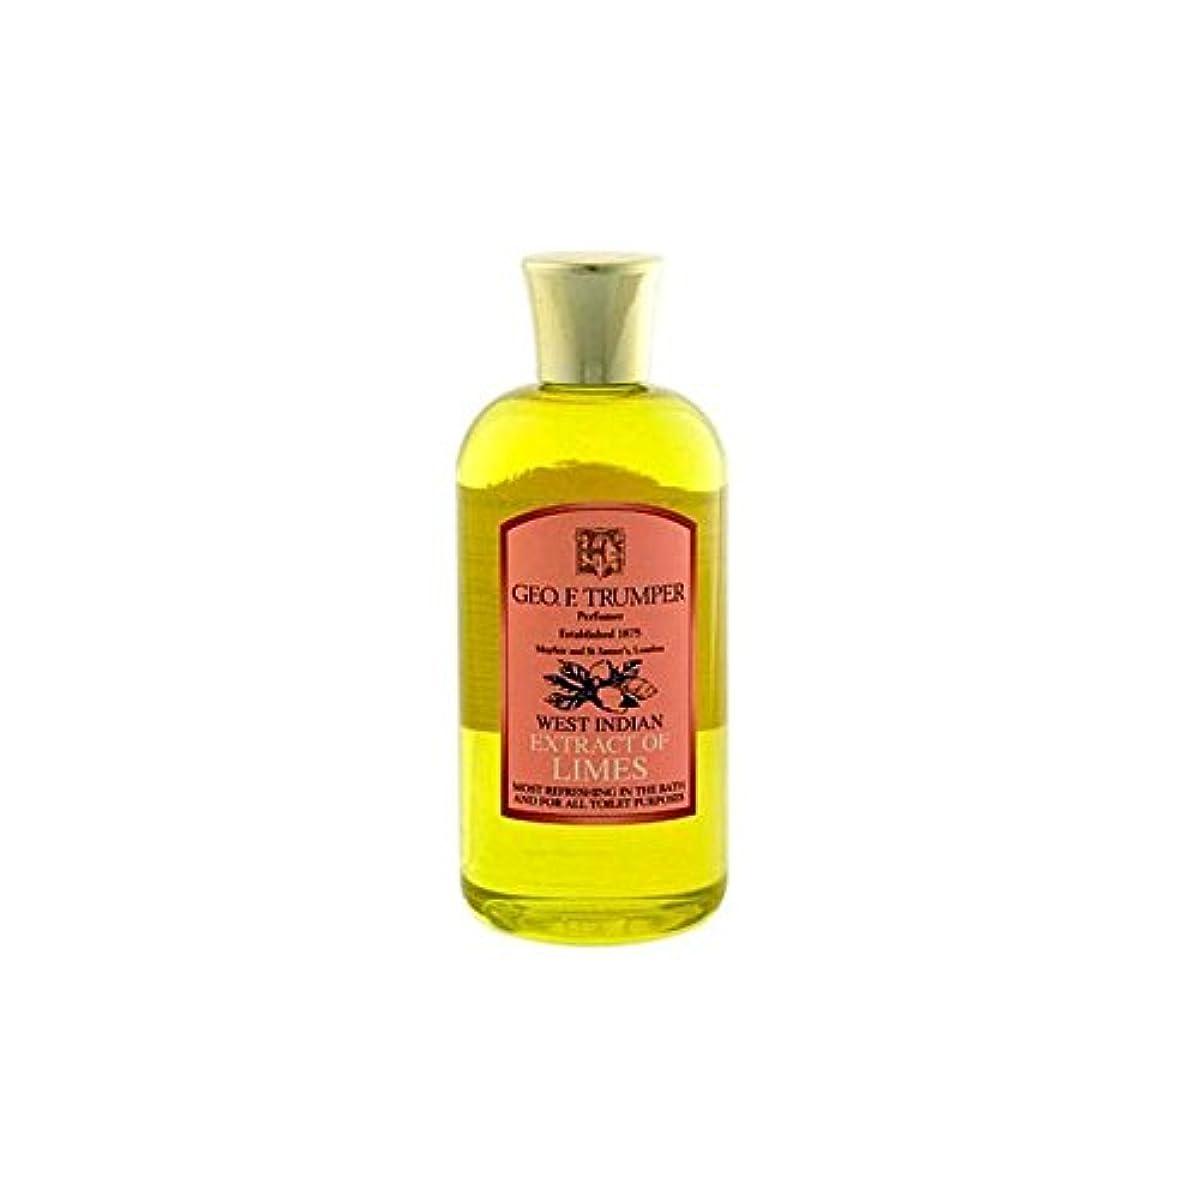 実験をする高潔なレイプライムのバスタブとシャワージェル200の抽出物を x4 - Trumpers Extracts of Limes Bath and Shower Gel 200ml (Pack of 4) [並行輸入品]